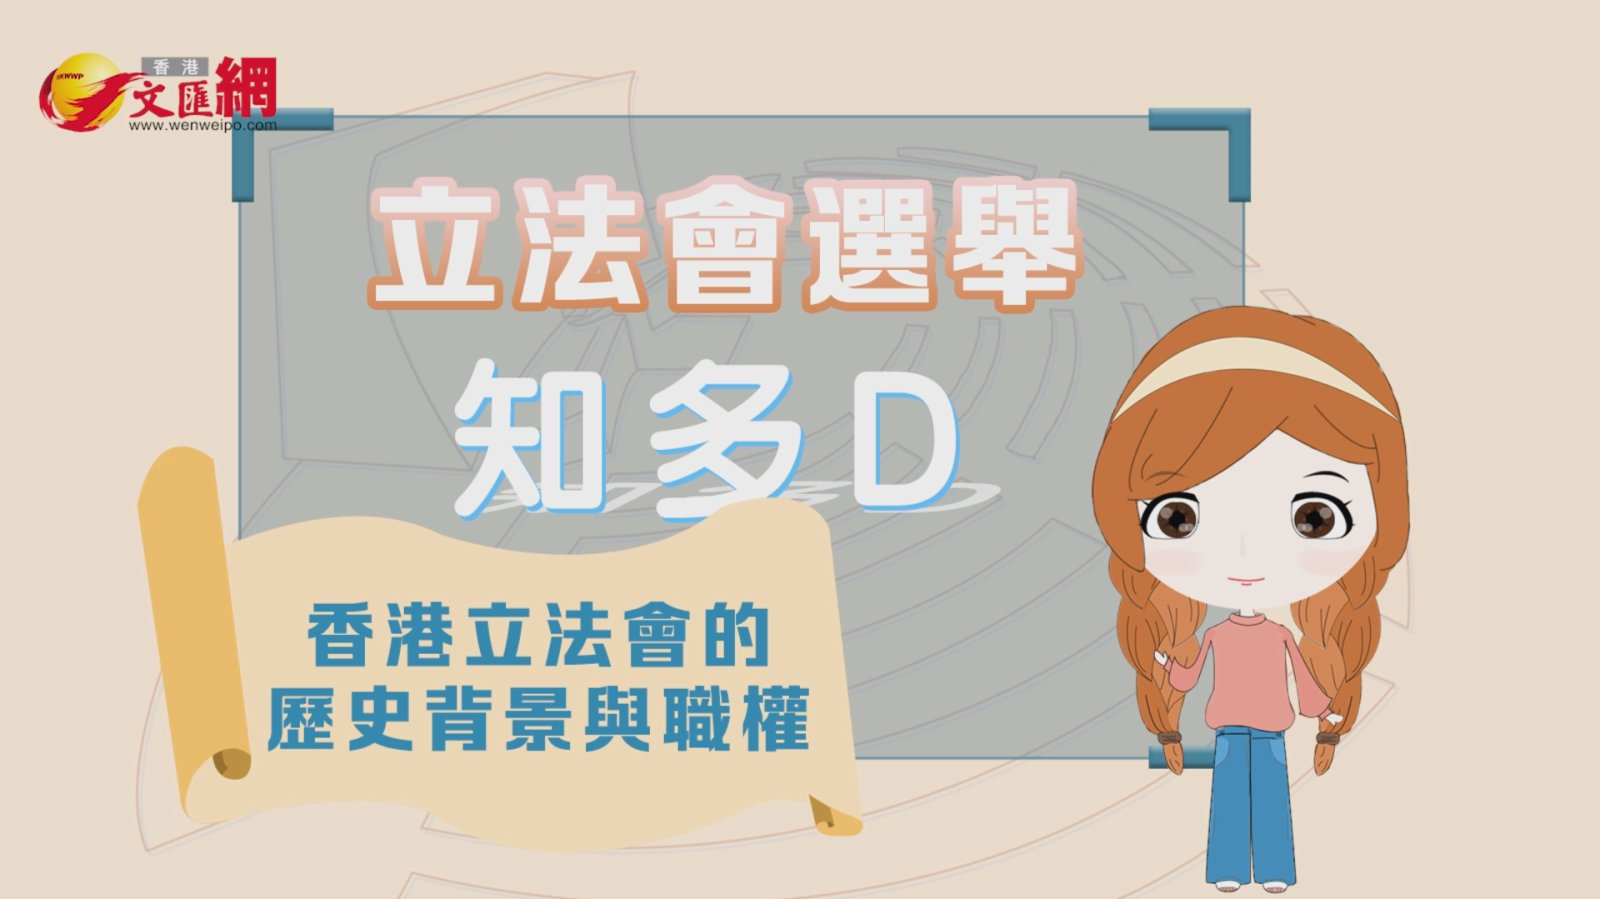 【匯動的話-立法會選舉知多D】香港立法會的歷史背景與職權